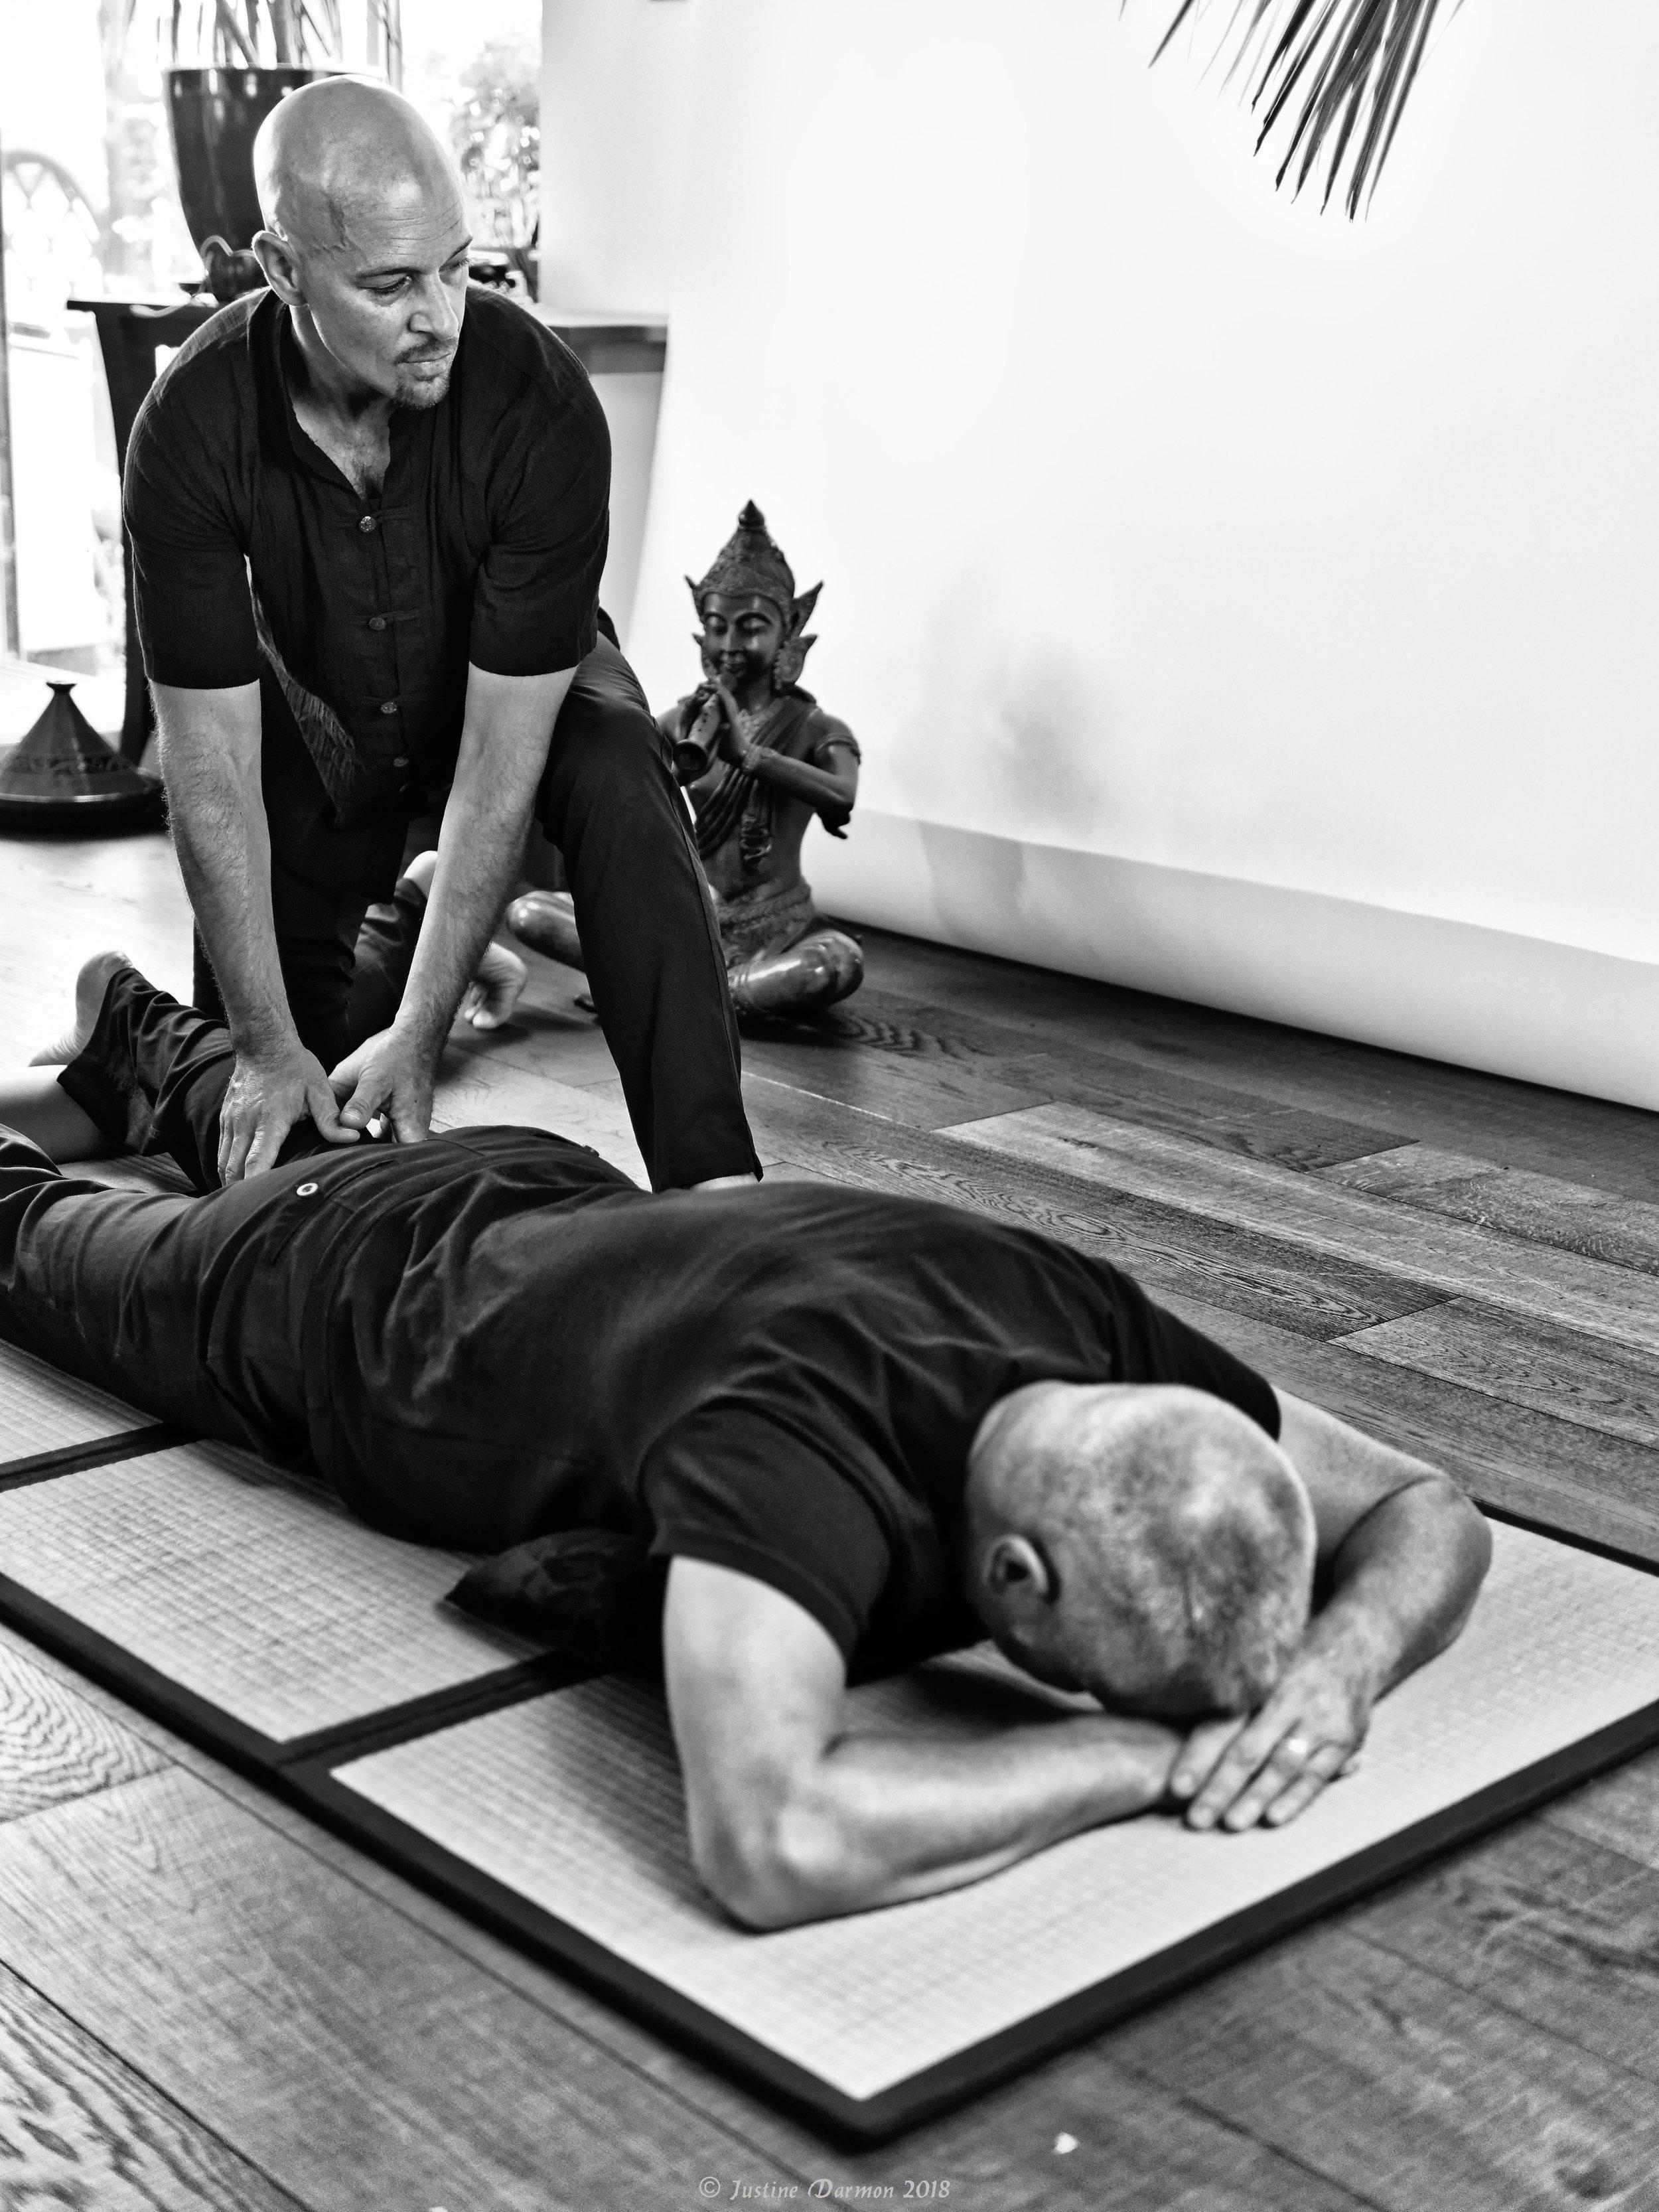 Lombalgie, cruralgie ou sciatique, le shiatsu peut vous aider à soulager vos douleurs chroniques . vital shiatsu Arles 13